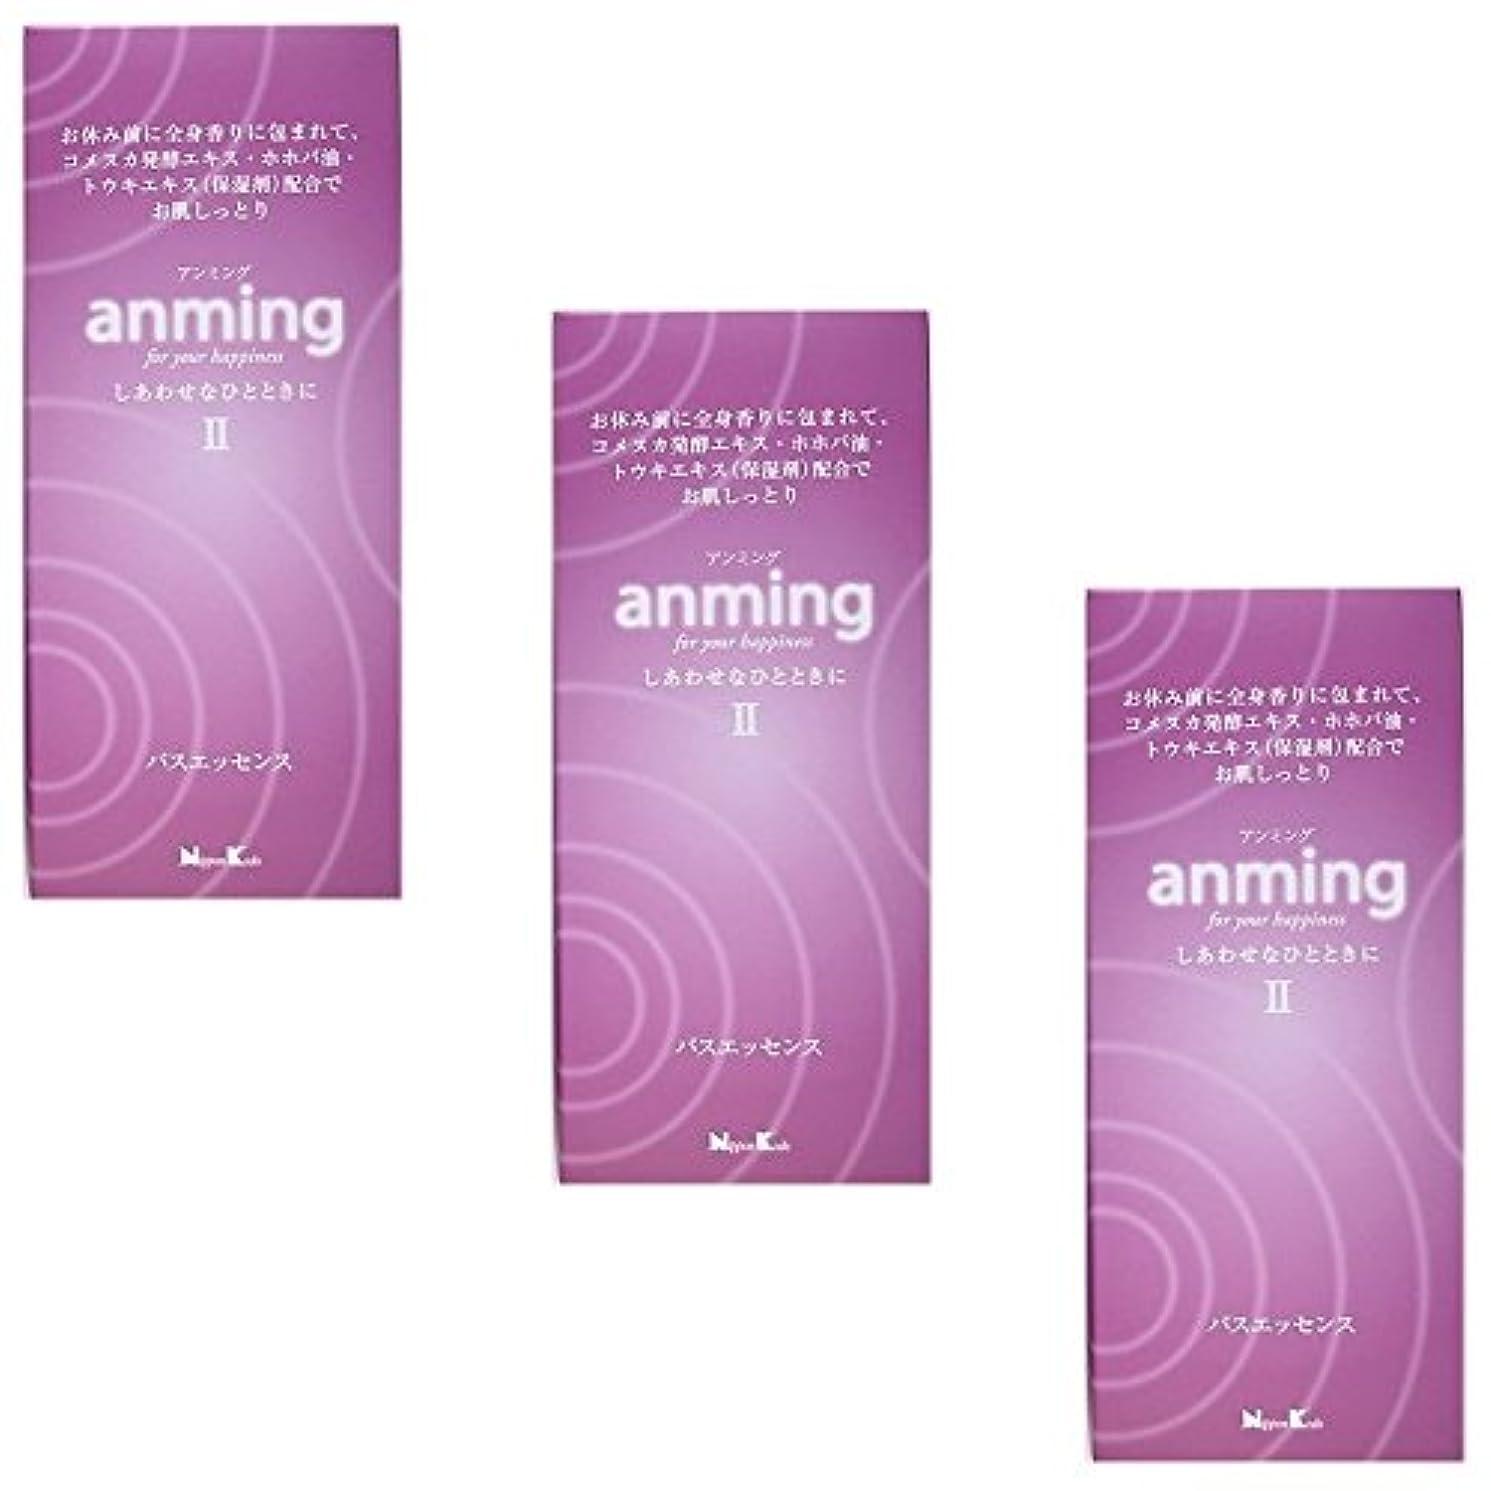 値下げ価値のない売り手【まとめ買い】anming2(アンミング2) バスエッセンス 480ml ×3個